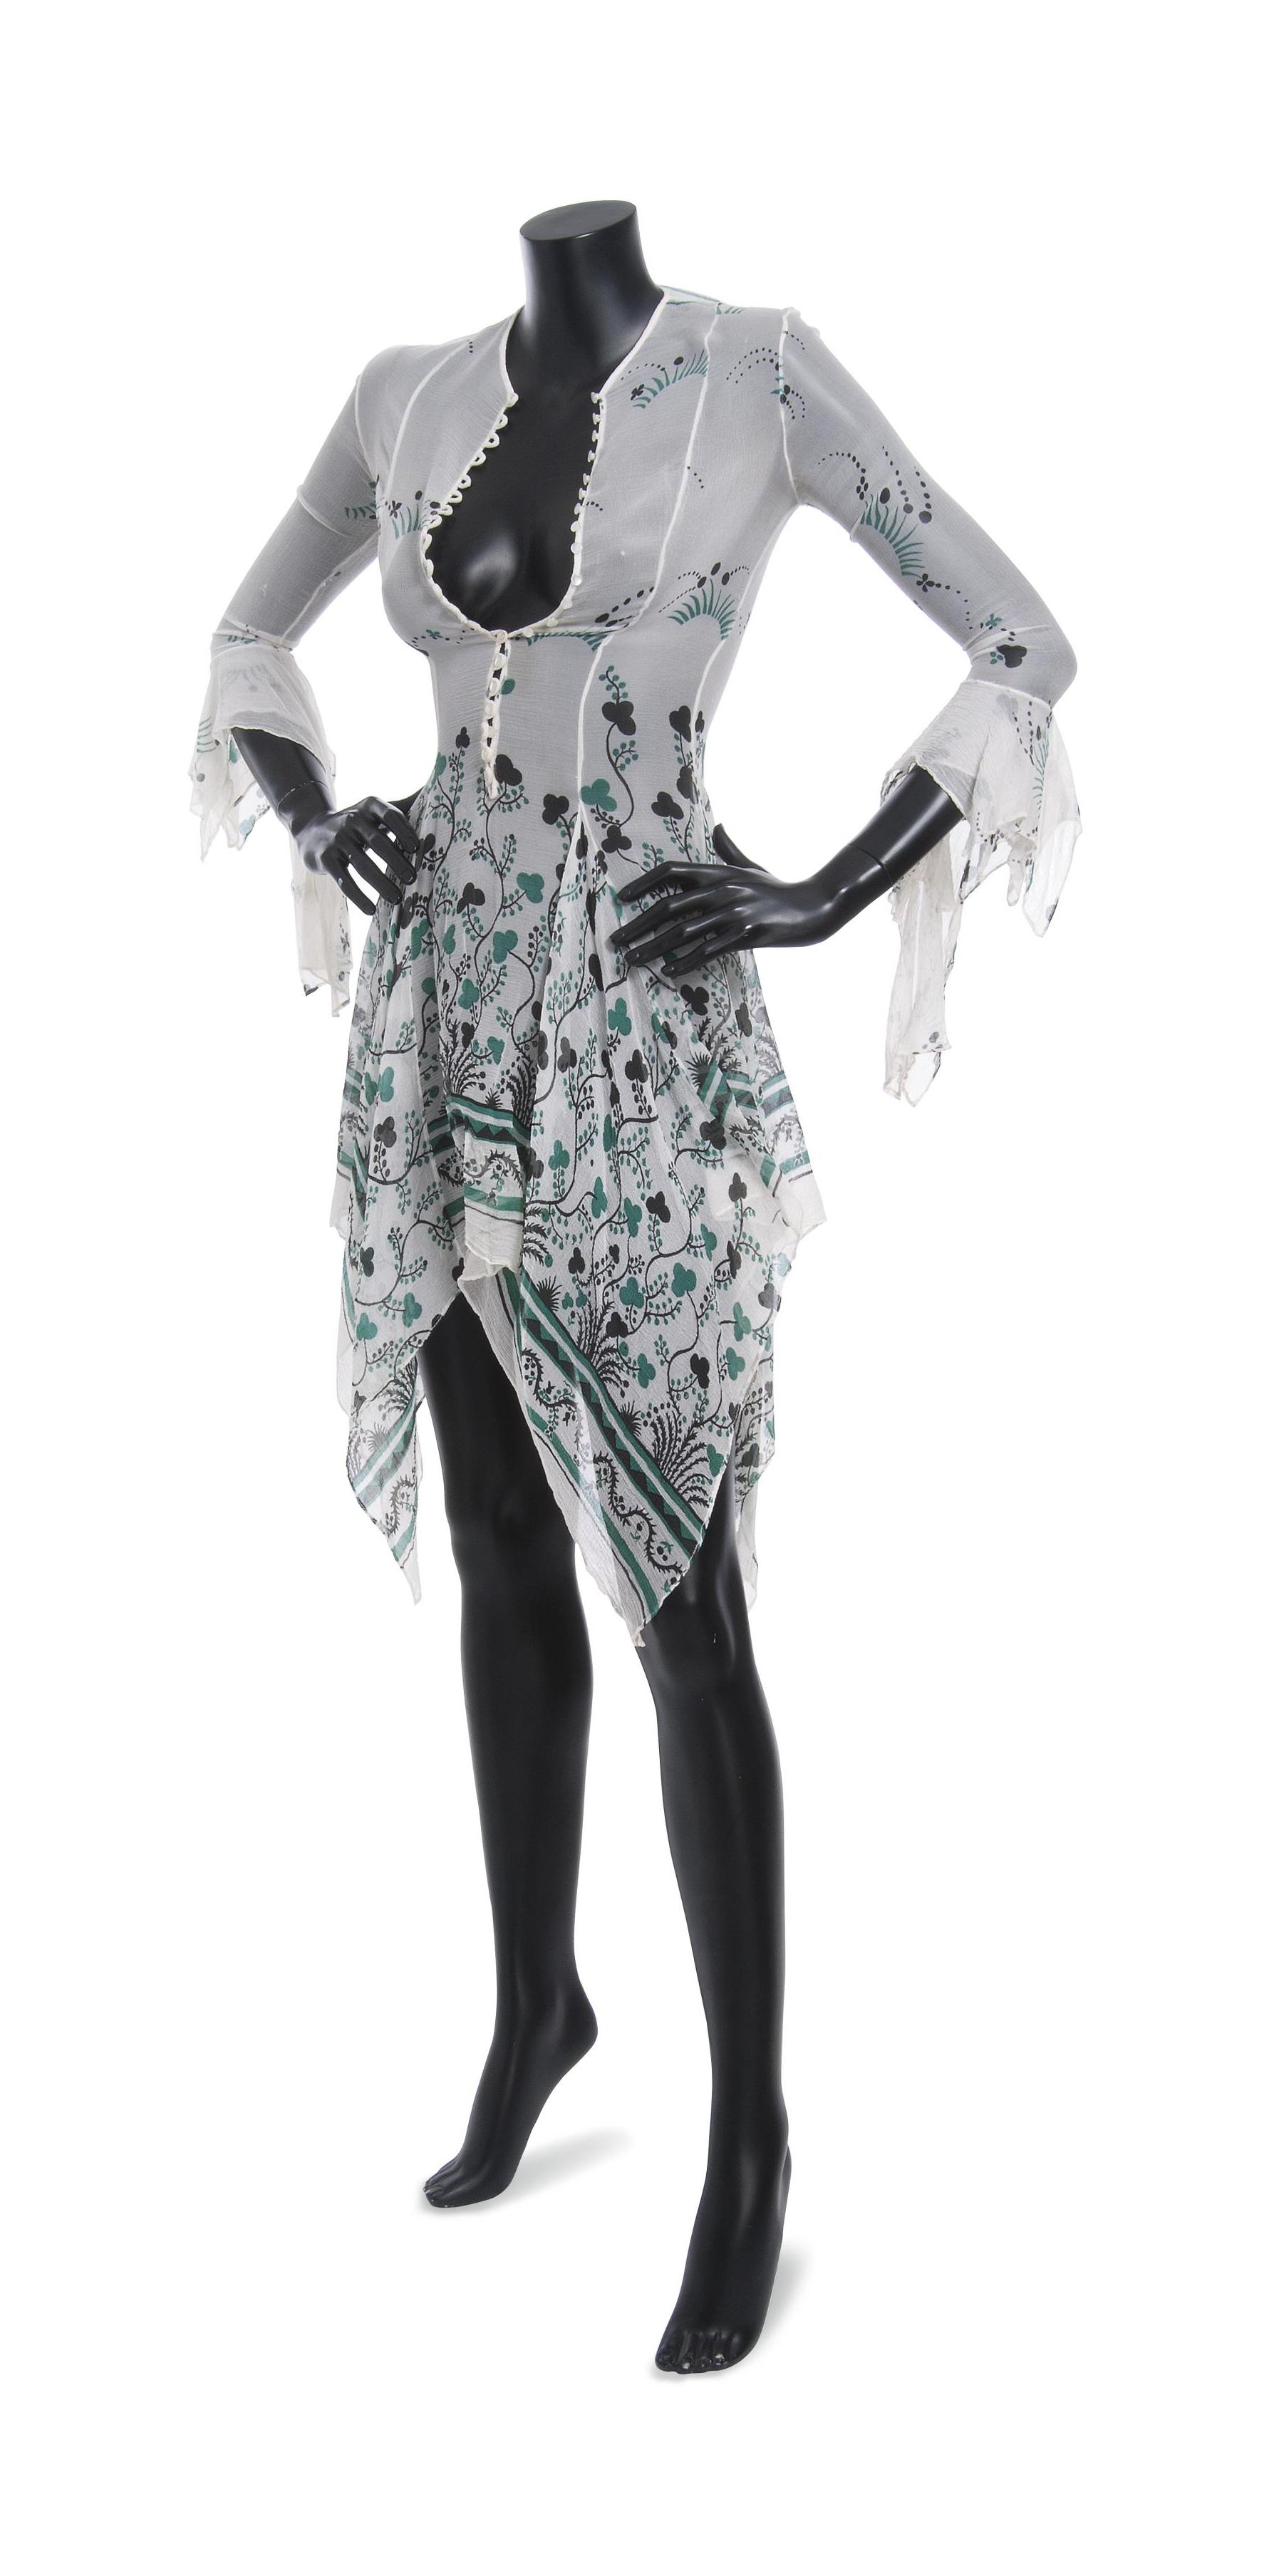 A PRINTED CHIFFON DRESS